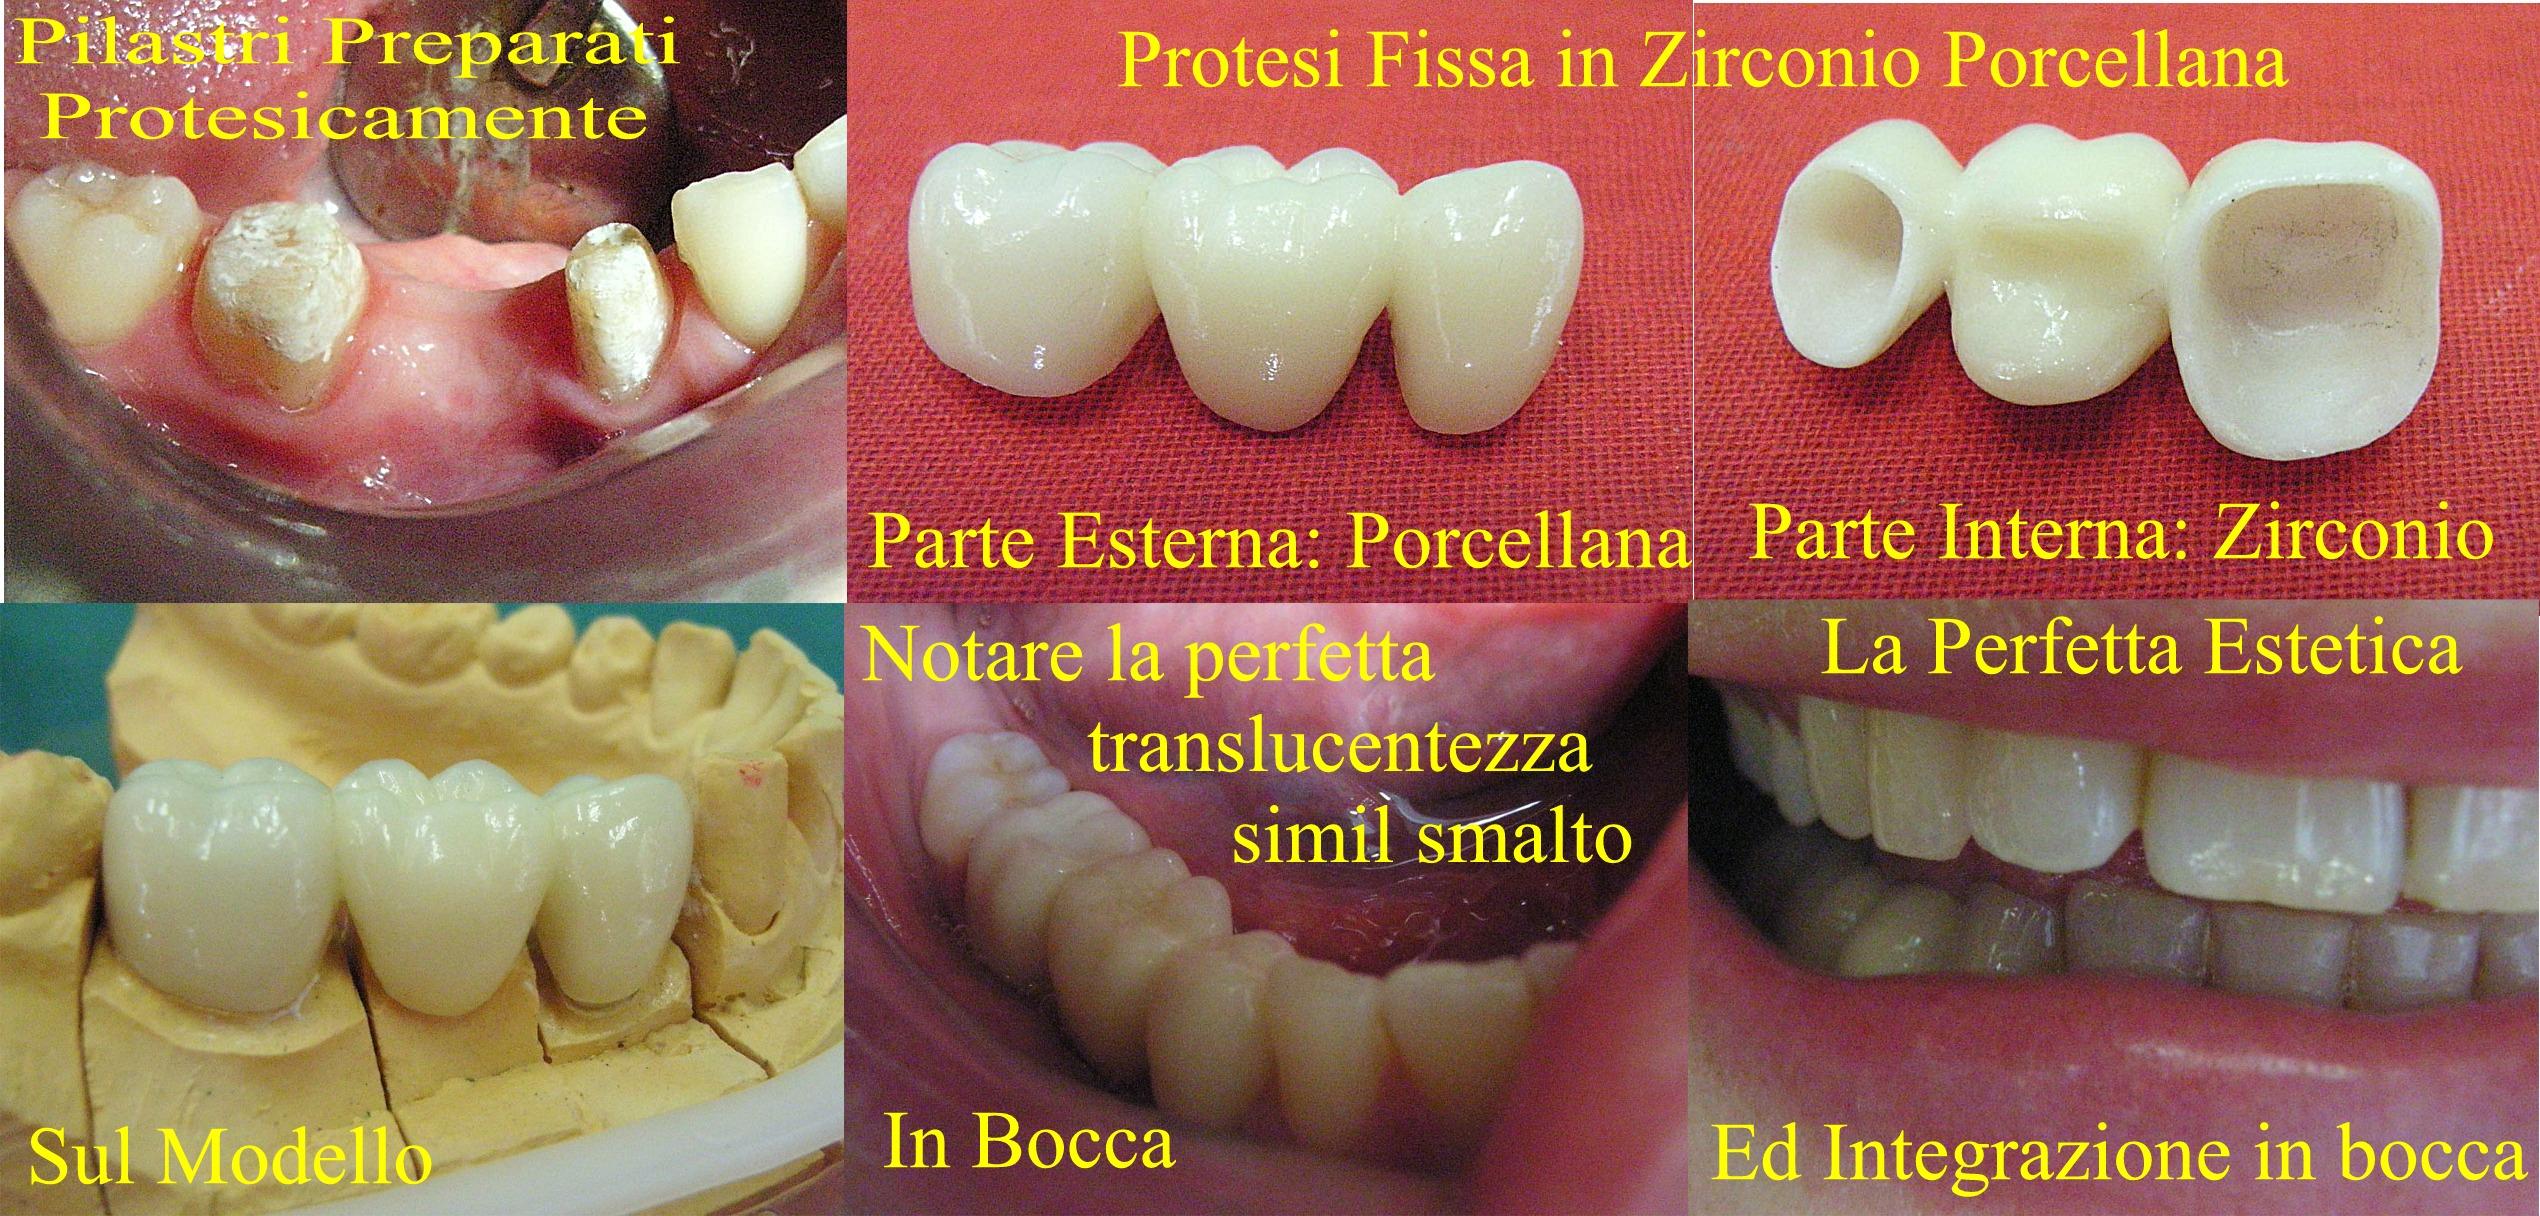 Ponte con corone in zirconio-porcellana. Da casistica della Dr.ssa Claudia Petti di Cagliari